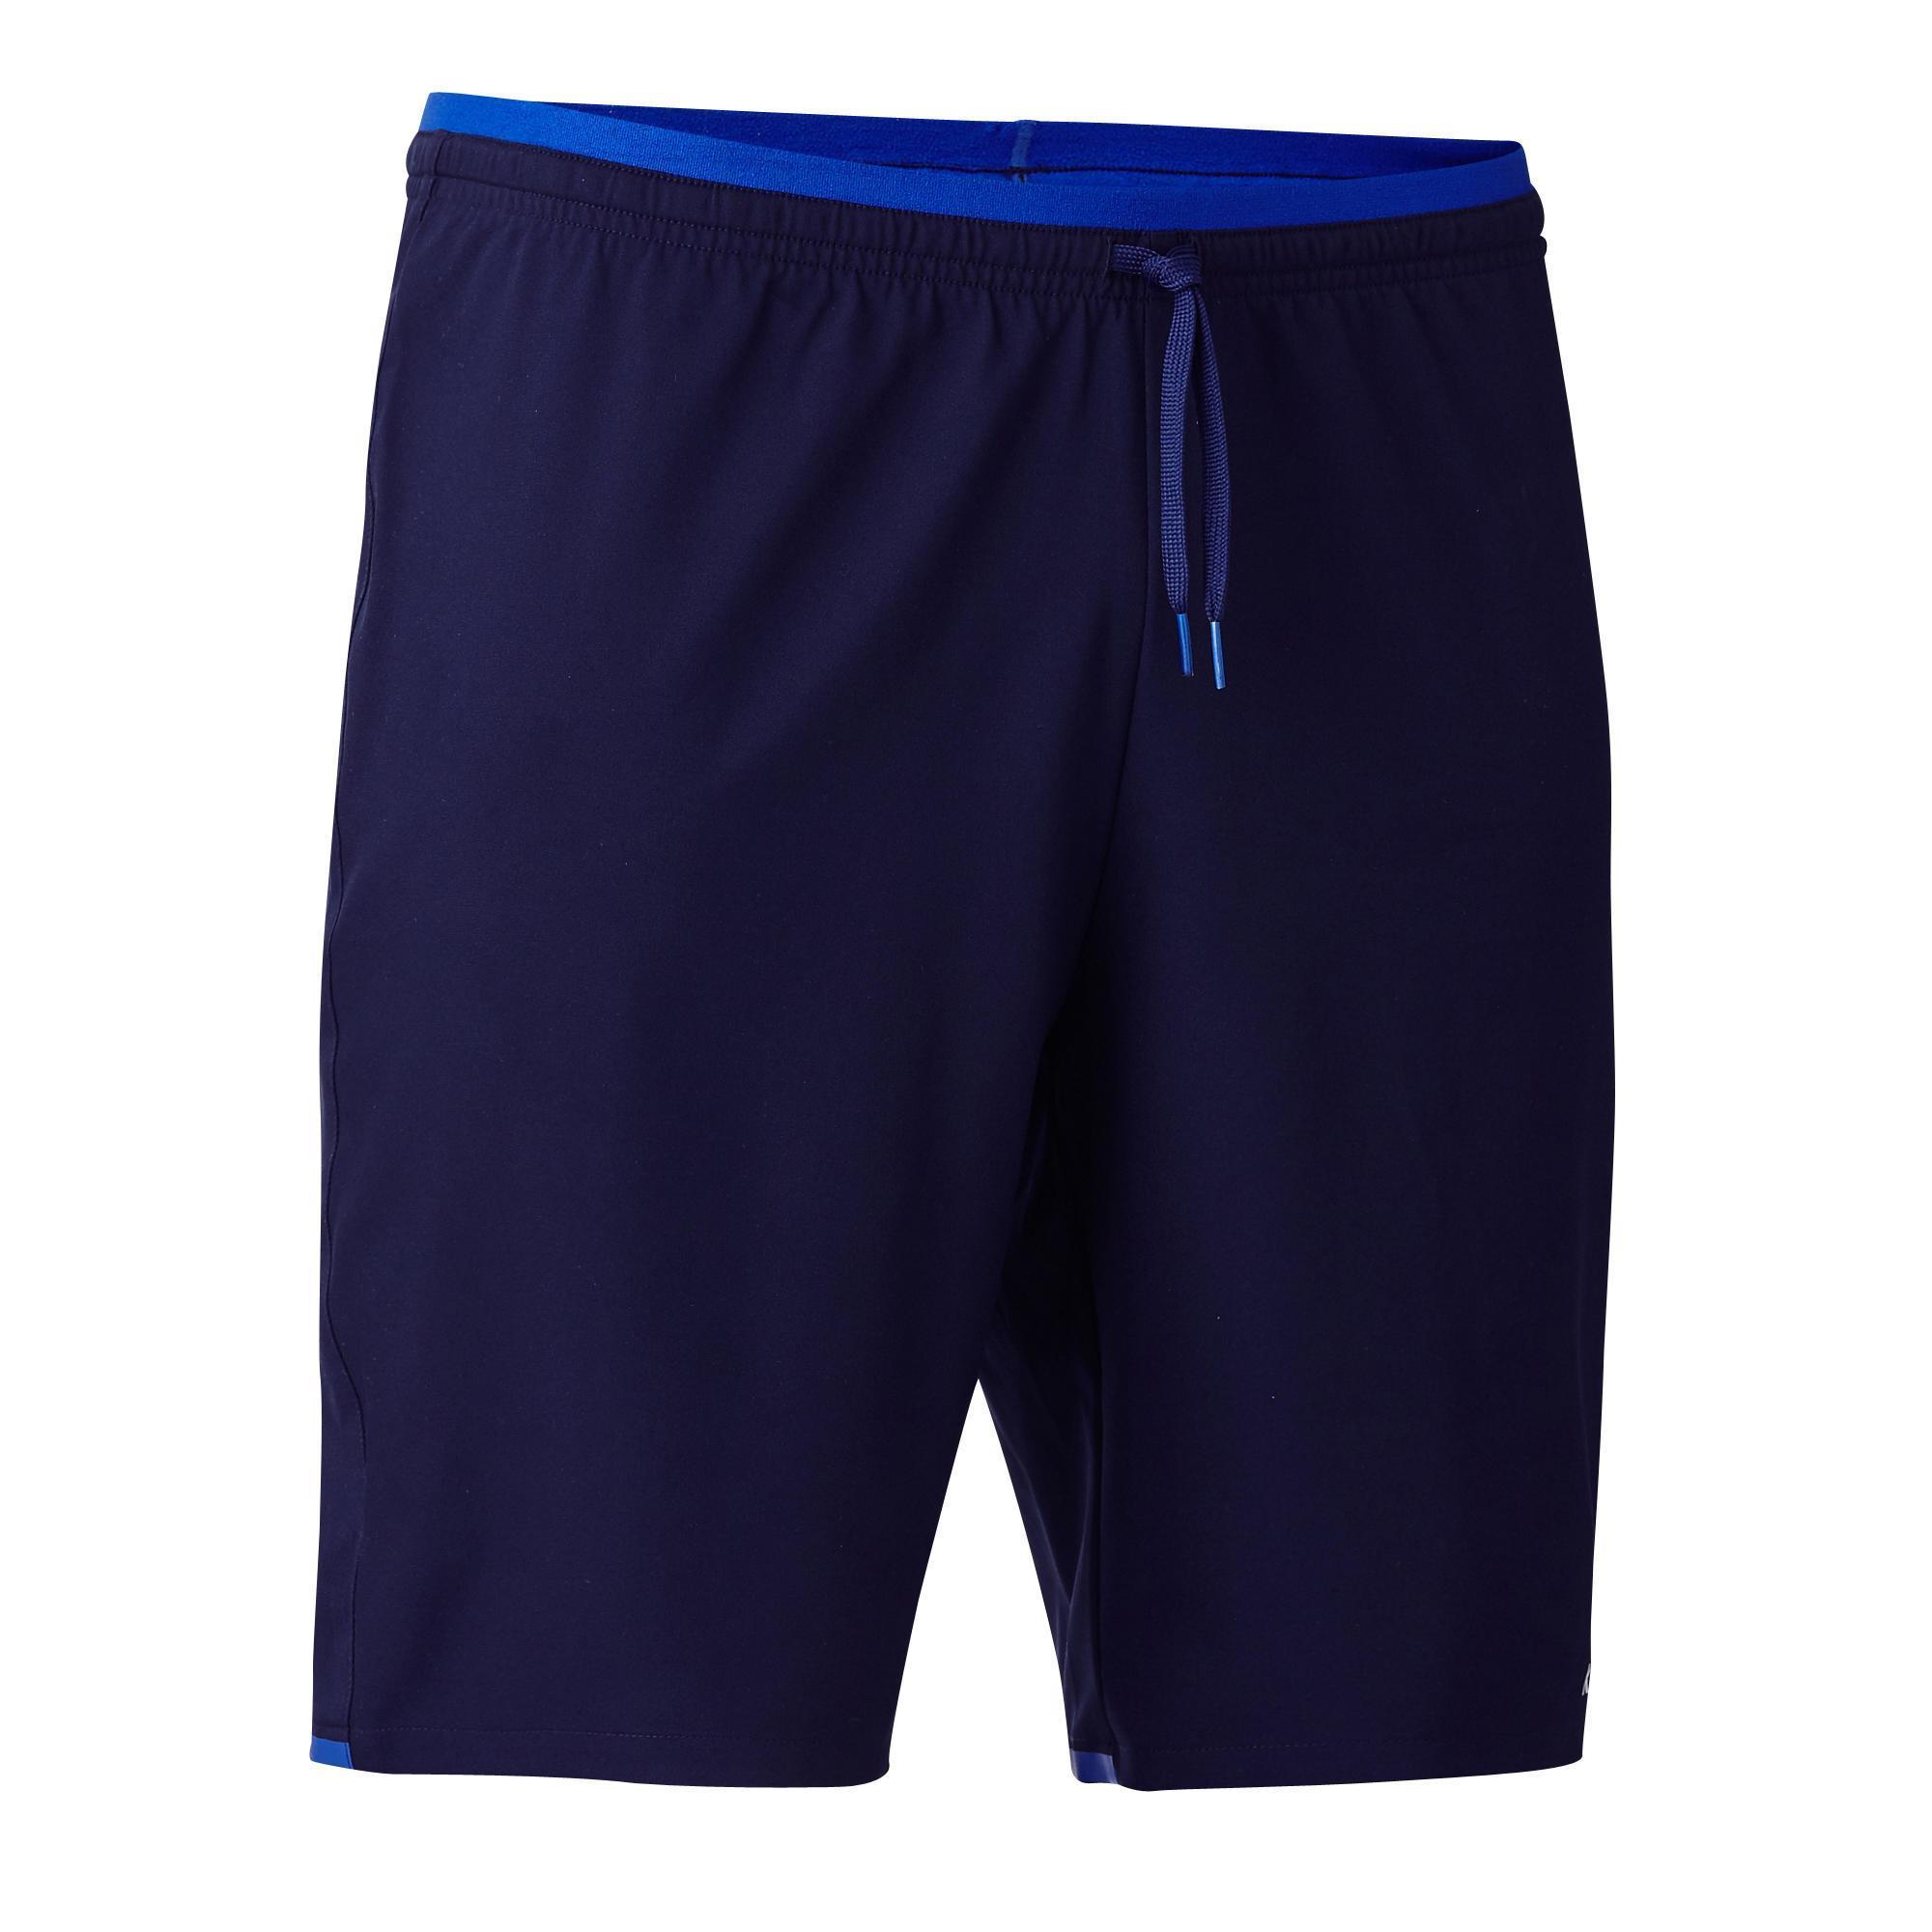 Kipsta Voetbalbroekje F500 marineblauw/blauw